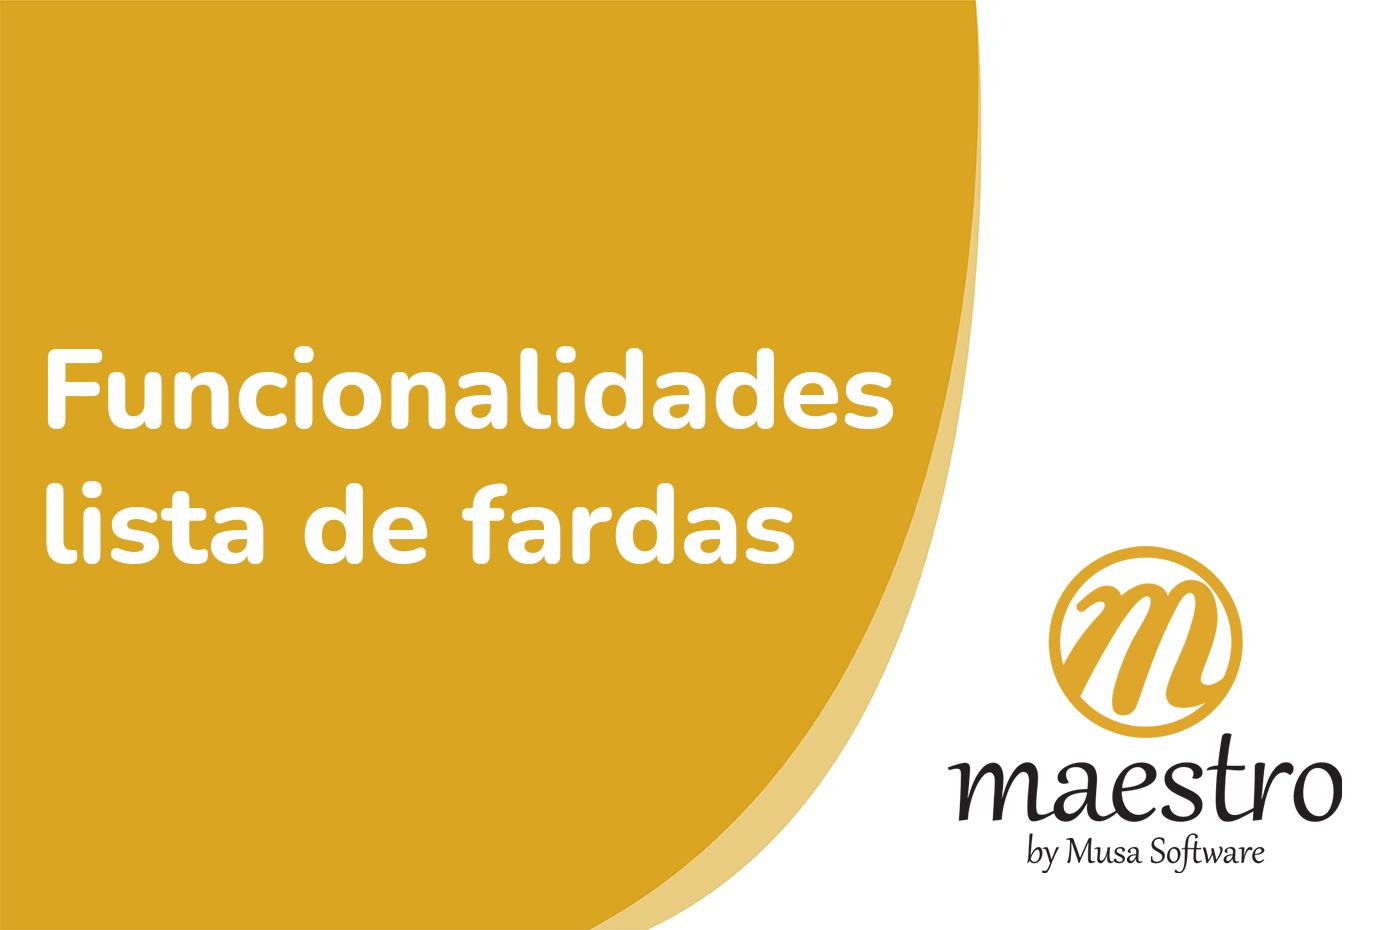 Fardas_funcionalidades-maestro-plataforma-gestao-bandas-filarmonicas